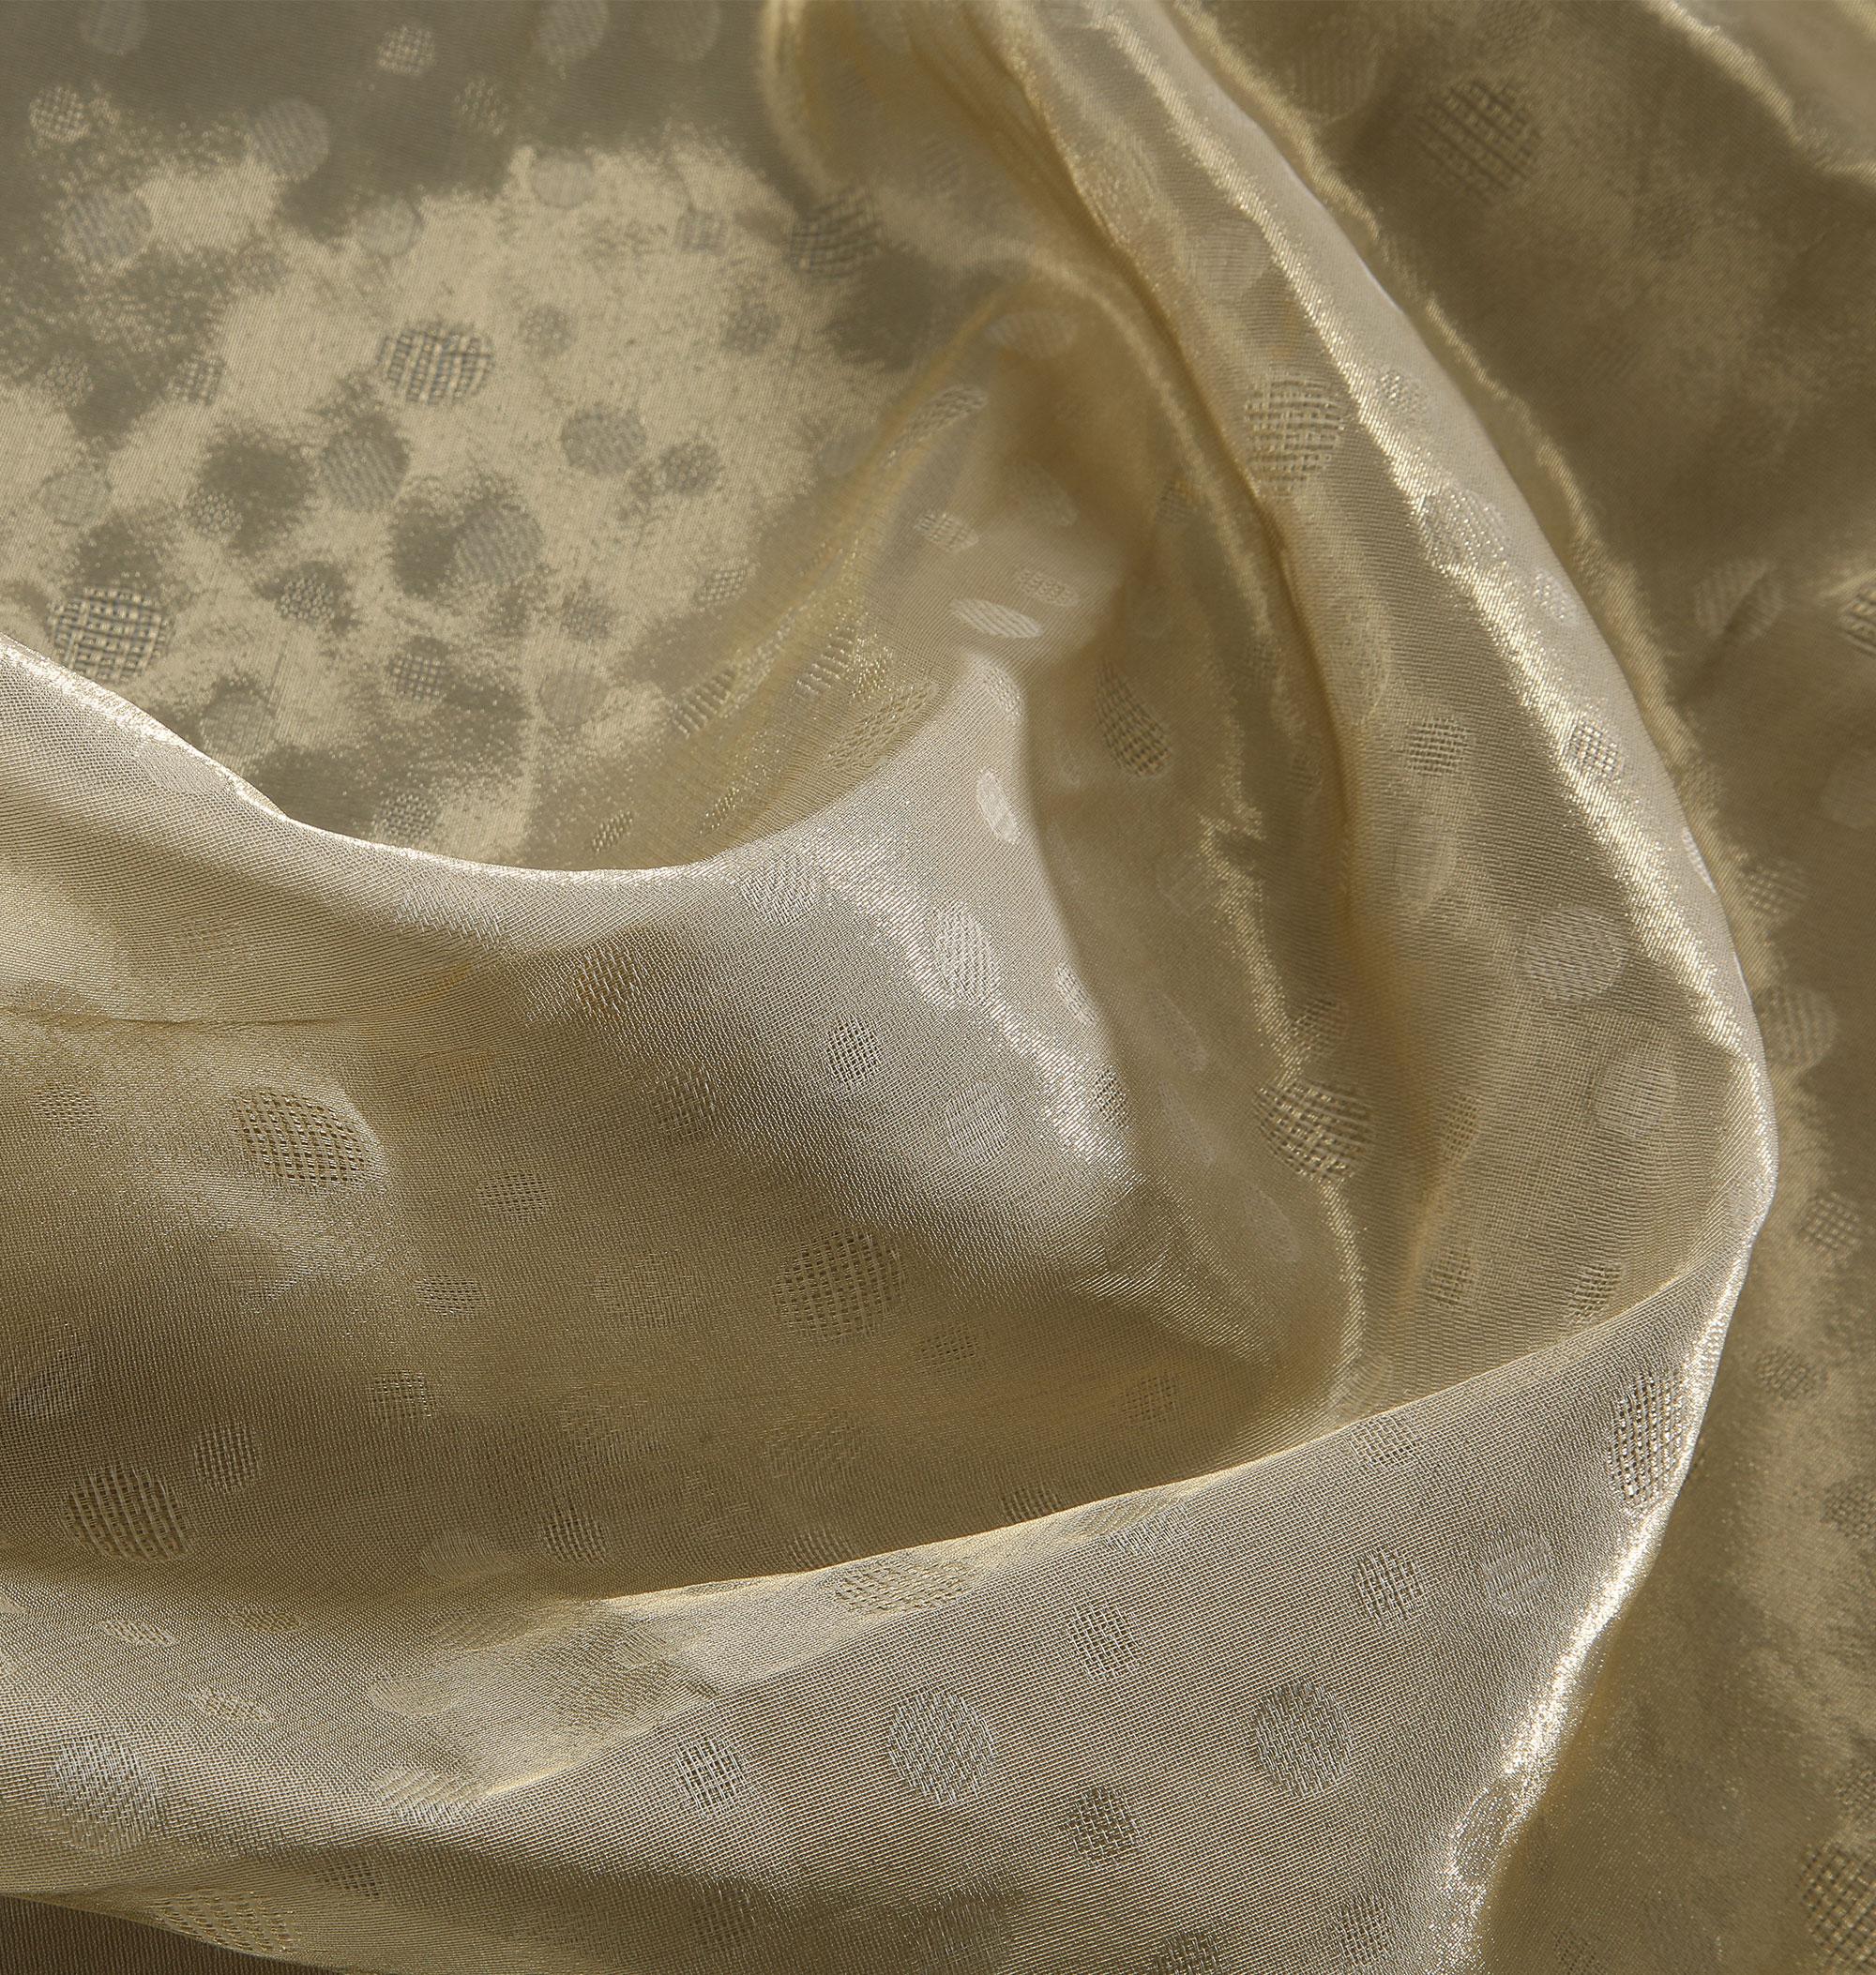 Textile fil guipé irrégulier jointif soierie pois